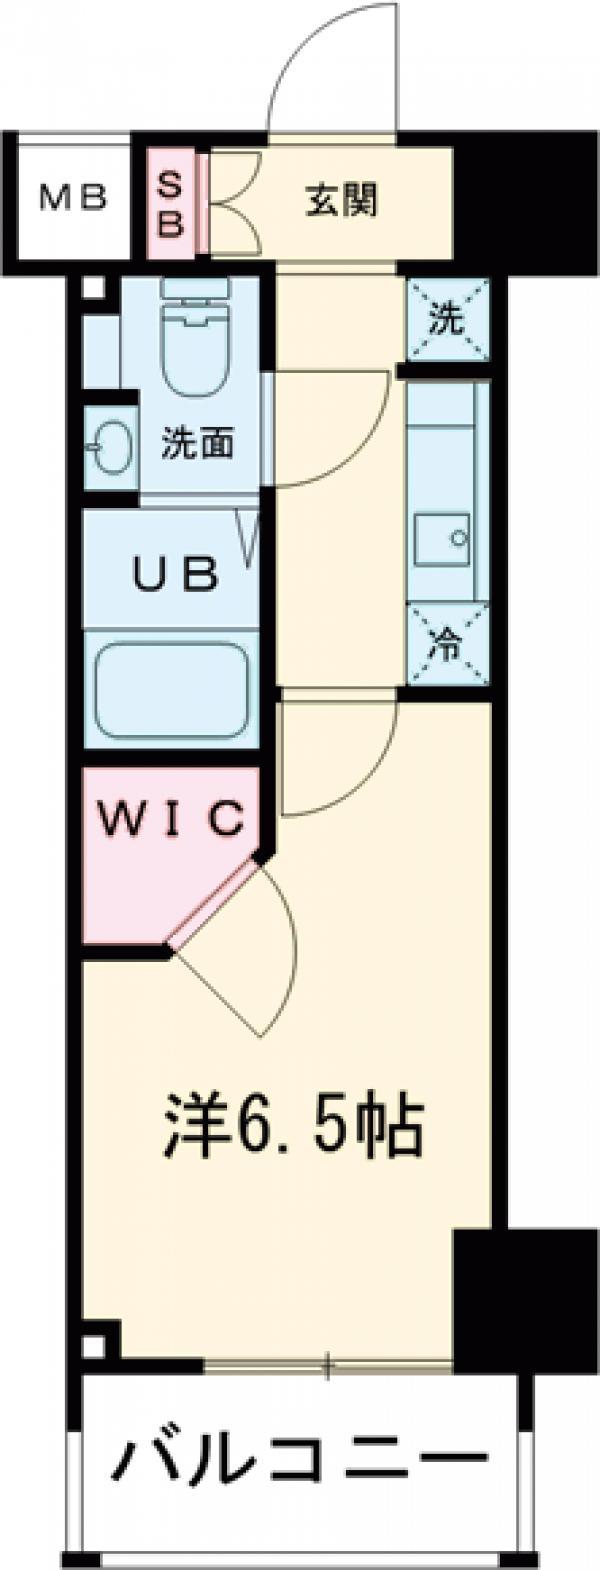 レジディア笹塚Ⅱ 1404号室の間取り